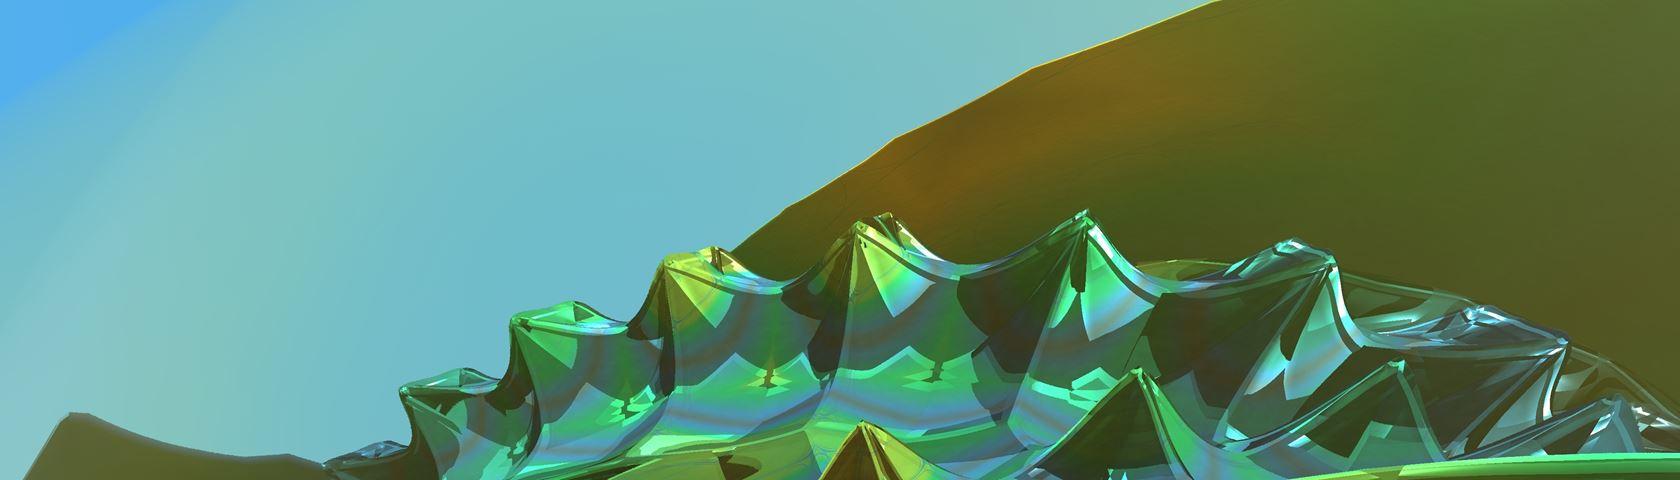 Fractals Have Ridges, Too